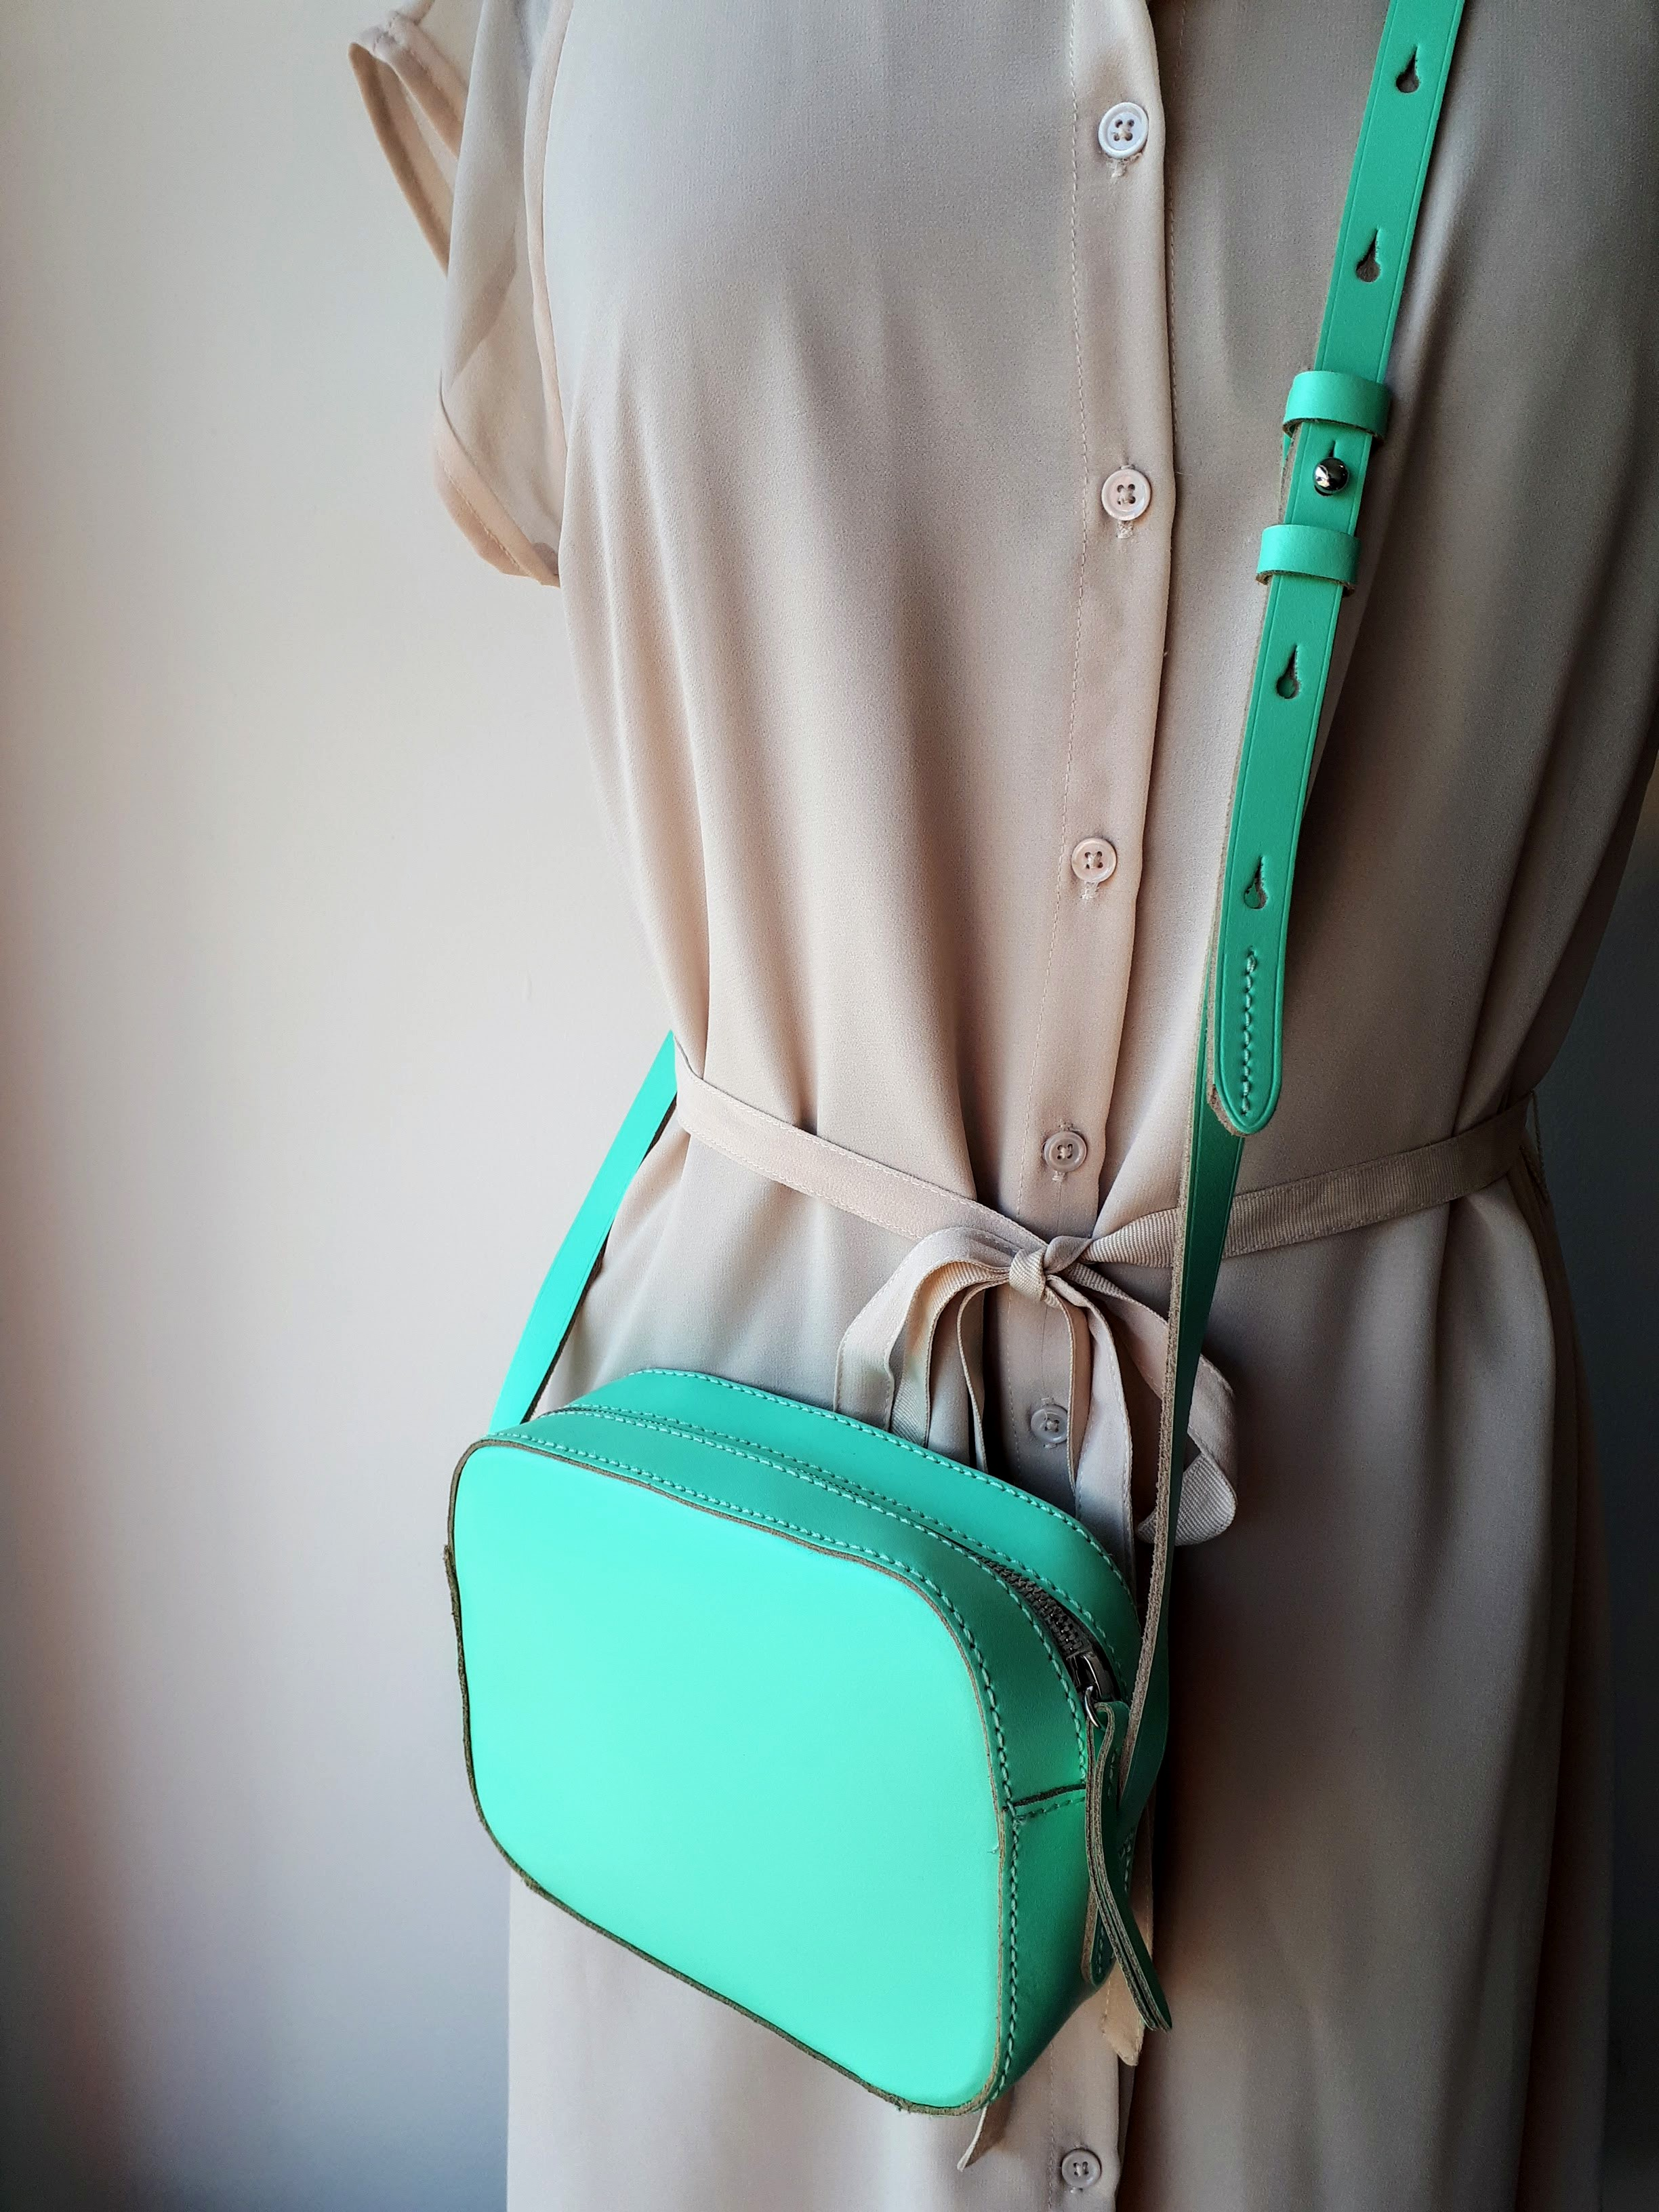 J Crew purse, $46 (Jeanne Beker dress; Size 8, $42)